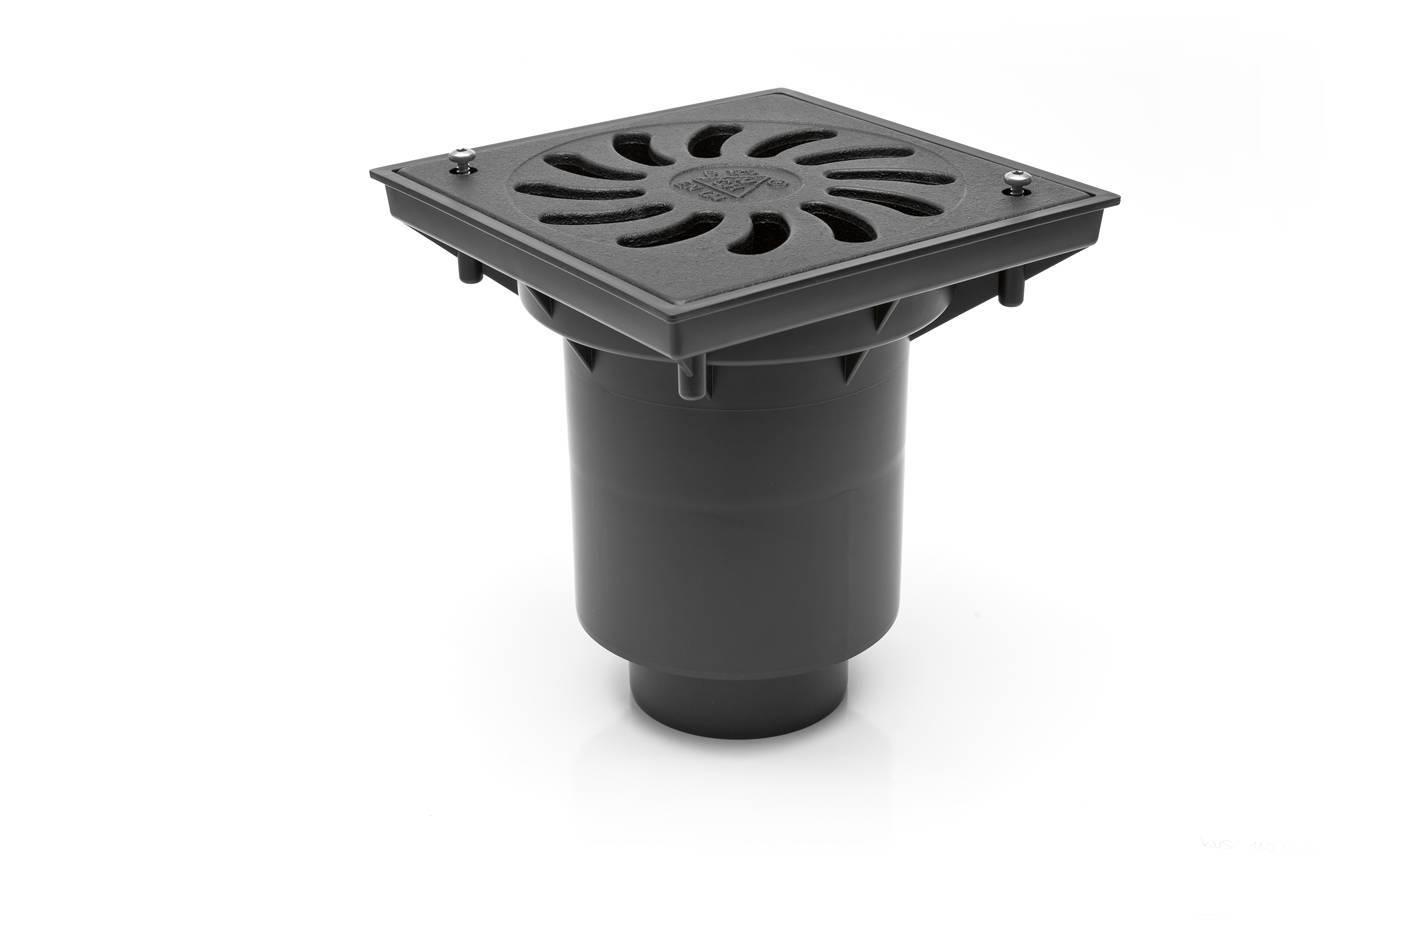 Сантехнические трубы и переходники пвх для канализации: подберём оптимальный размер 250 мм для внешней или 50 мм для внутренней канализации